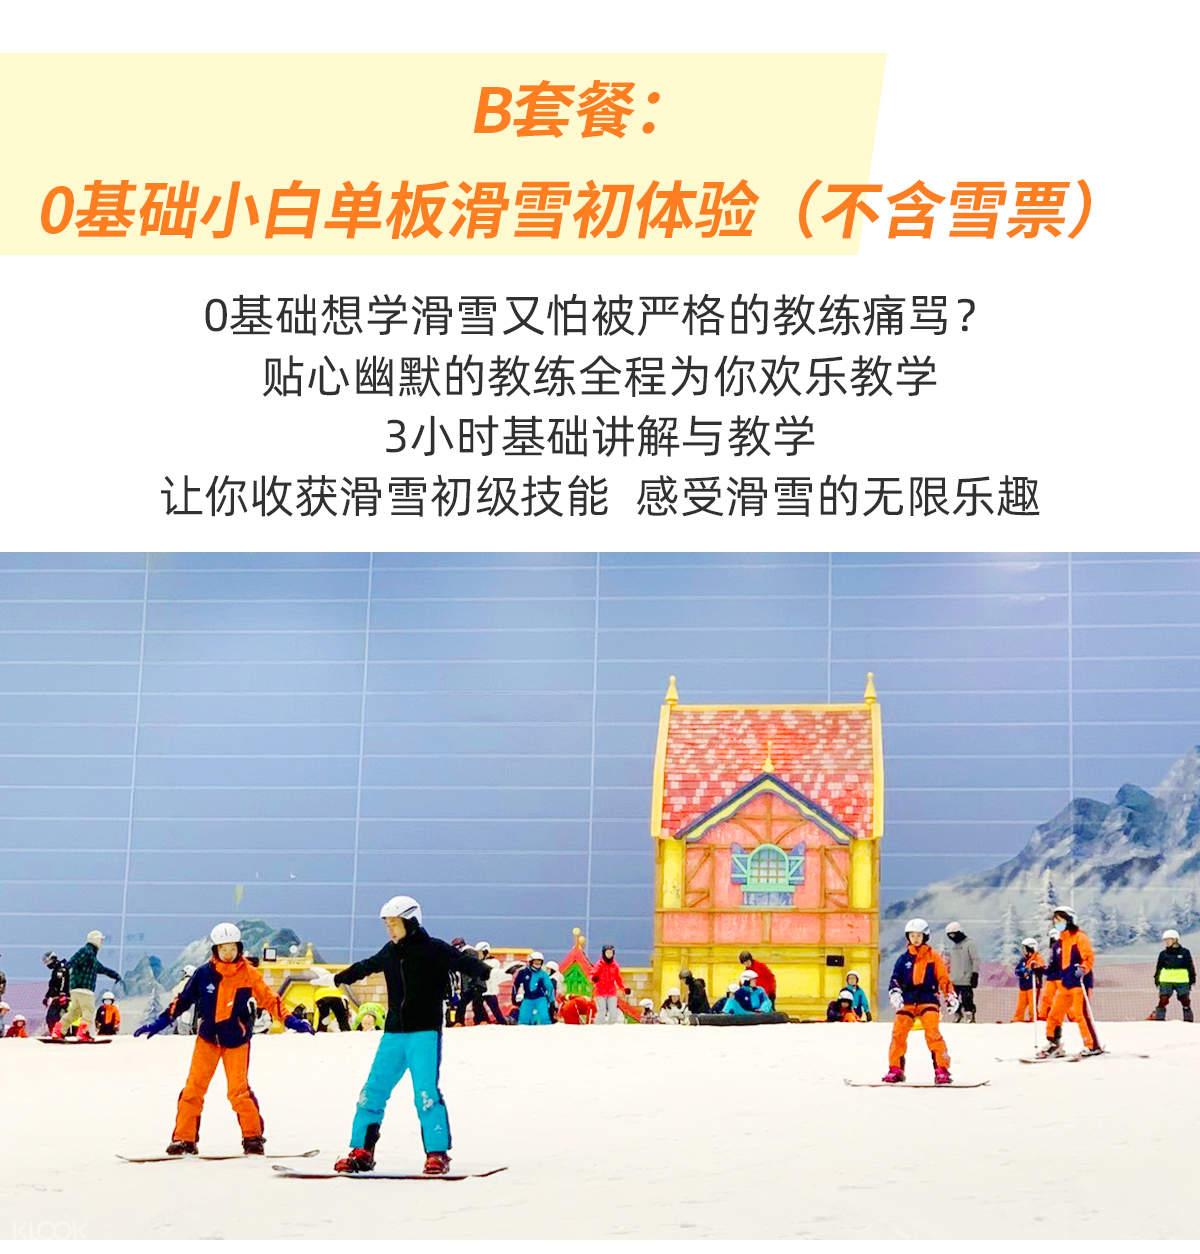 广州融创单板滑雪